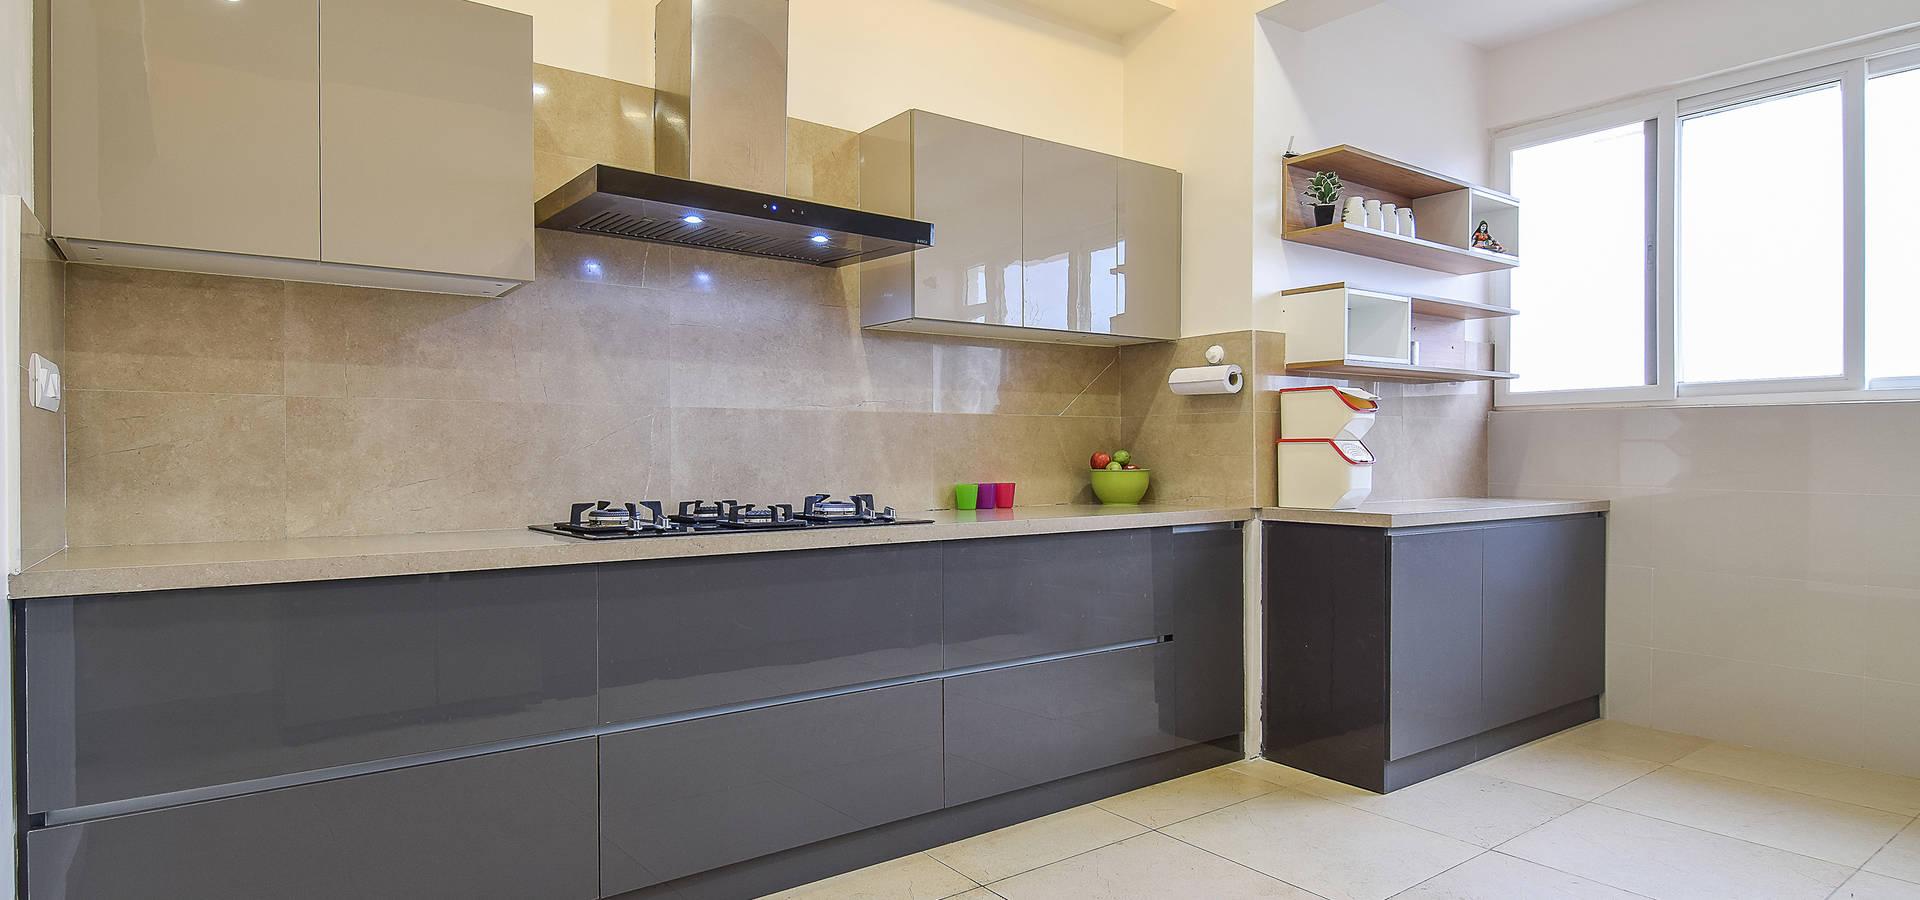 Apartment Interior Design Bangalore 9BHK   homify